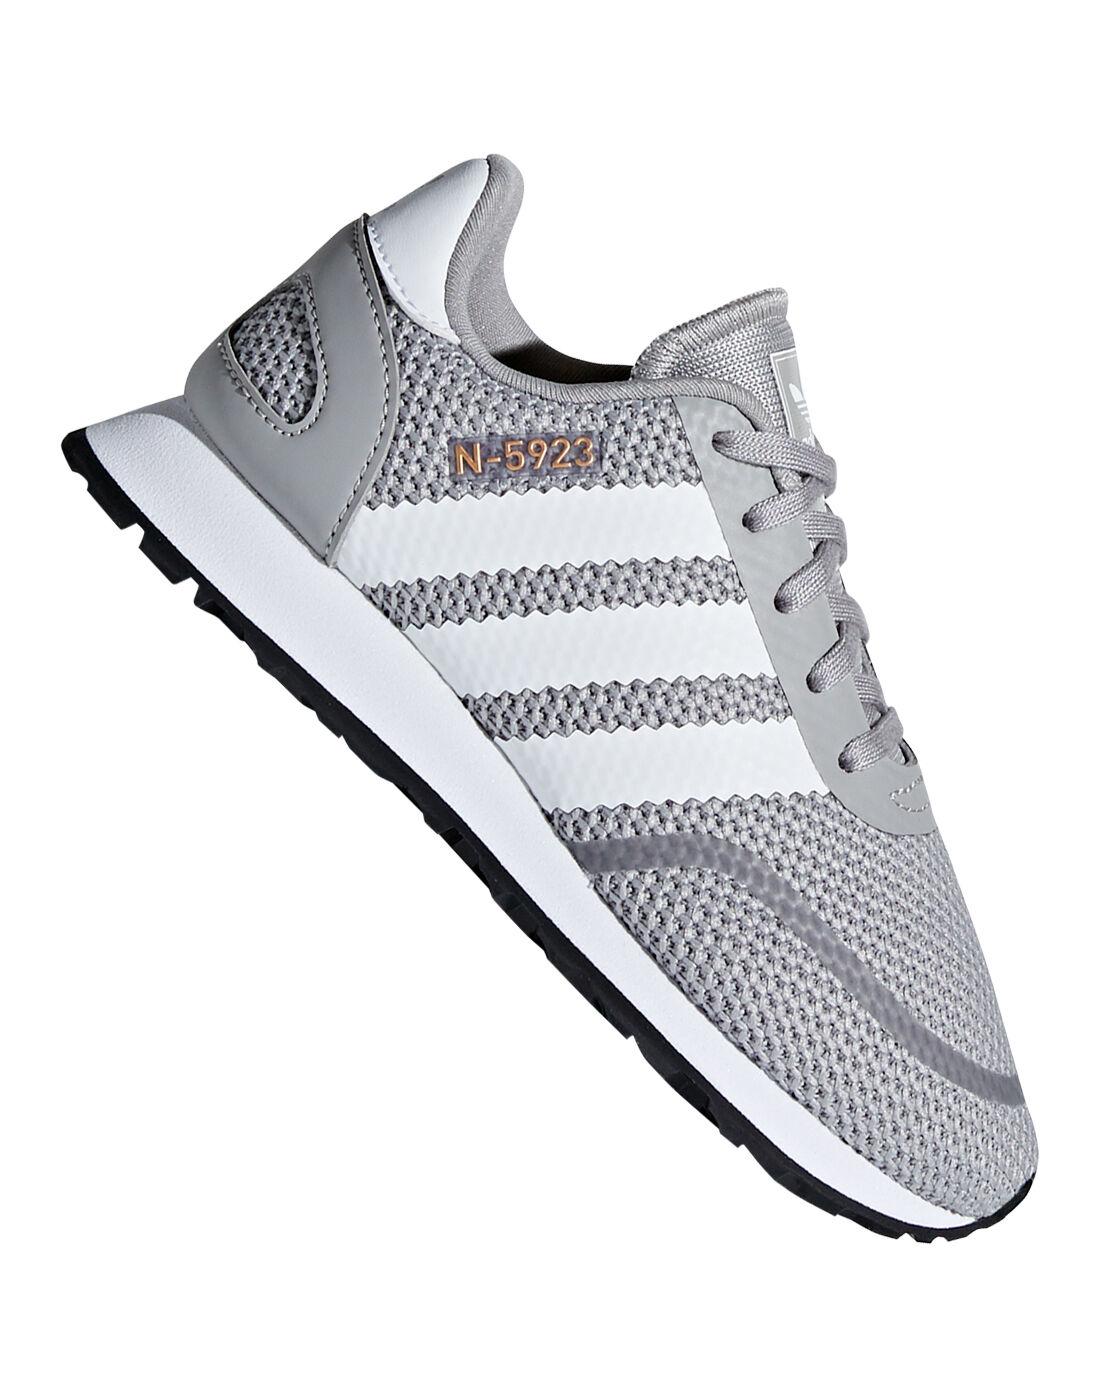 adidas originali più piccoli n 5923 grey dello stile di vita sportiva